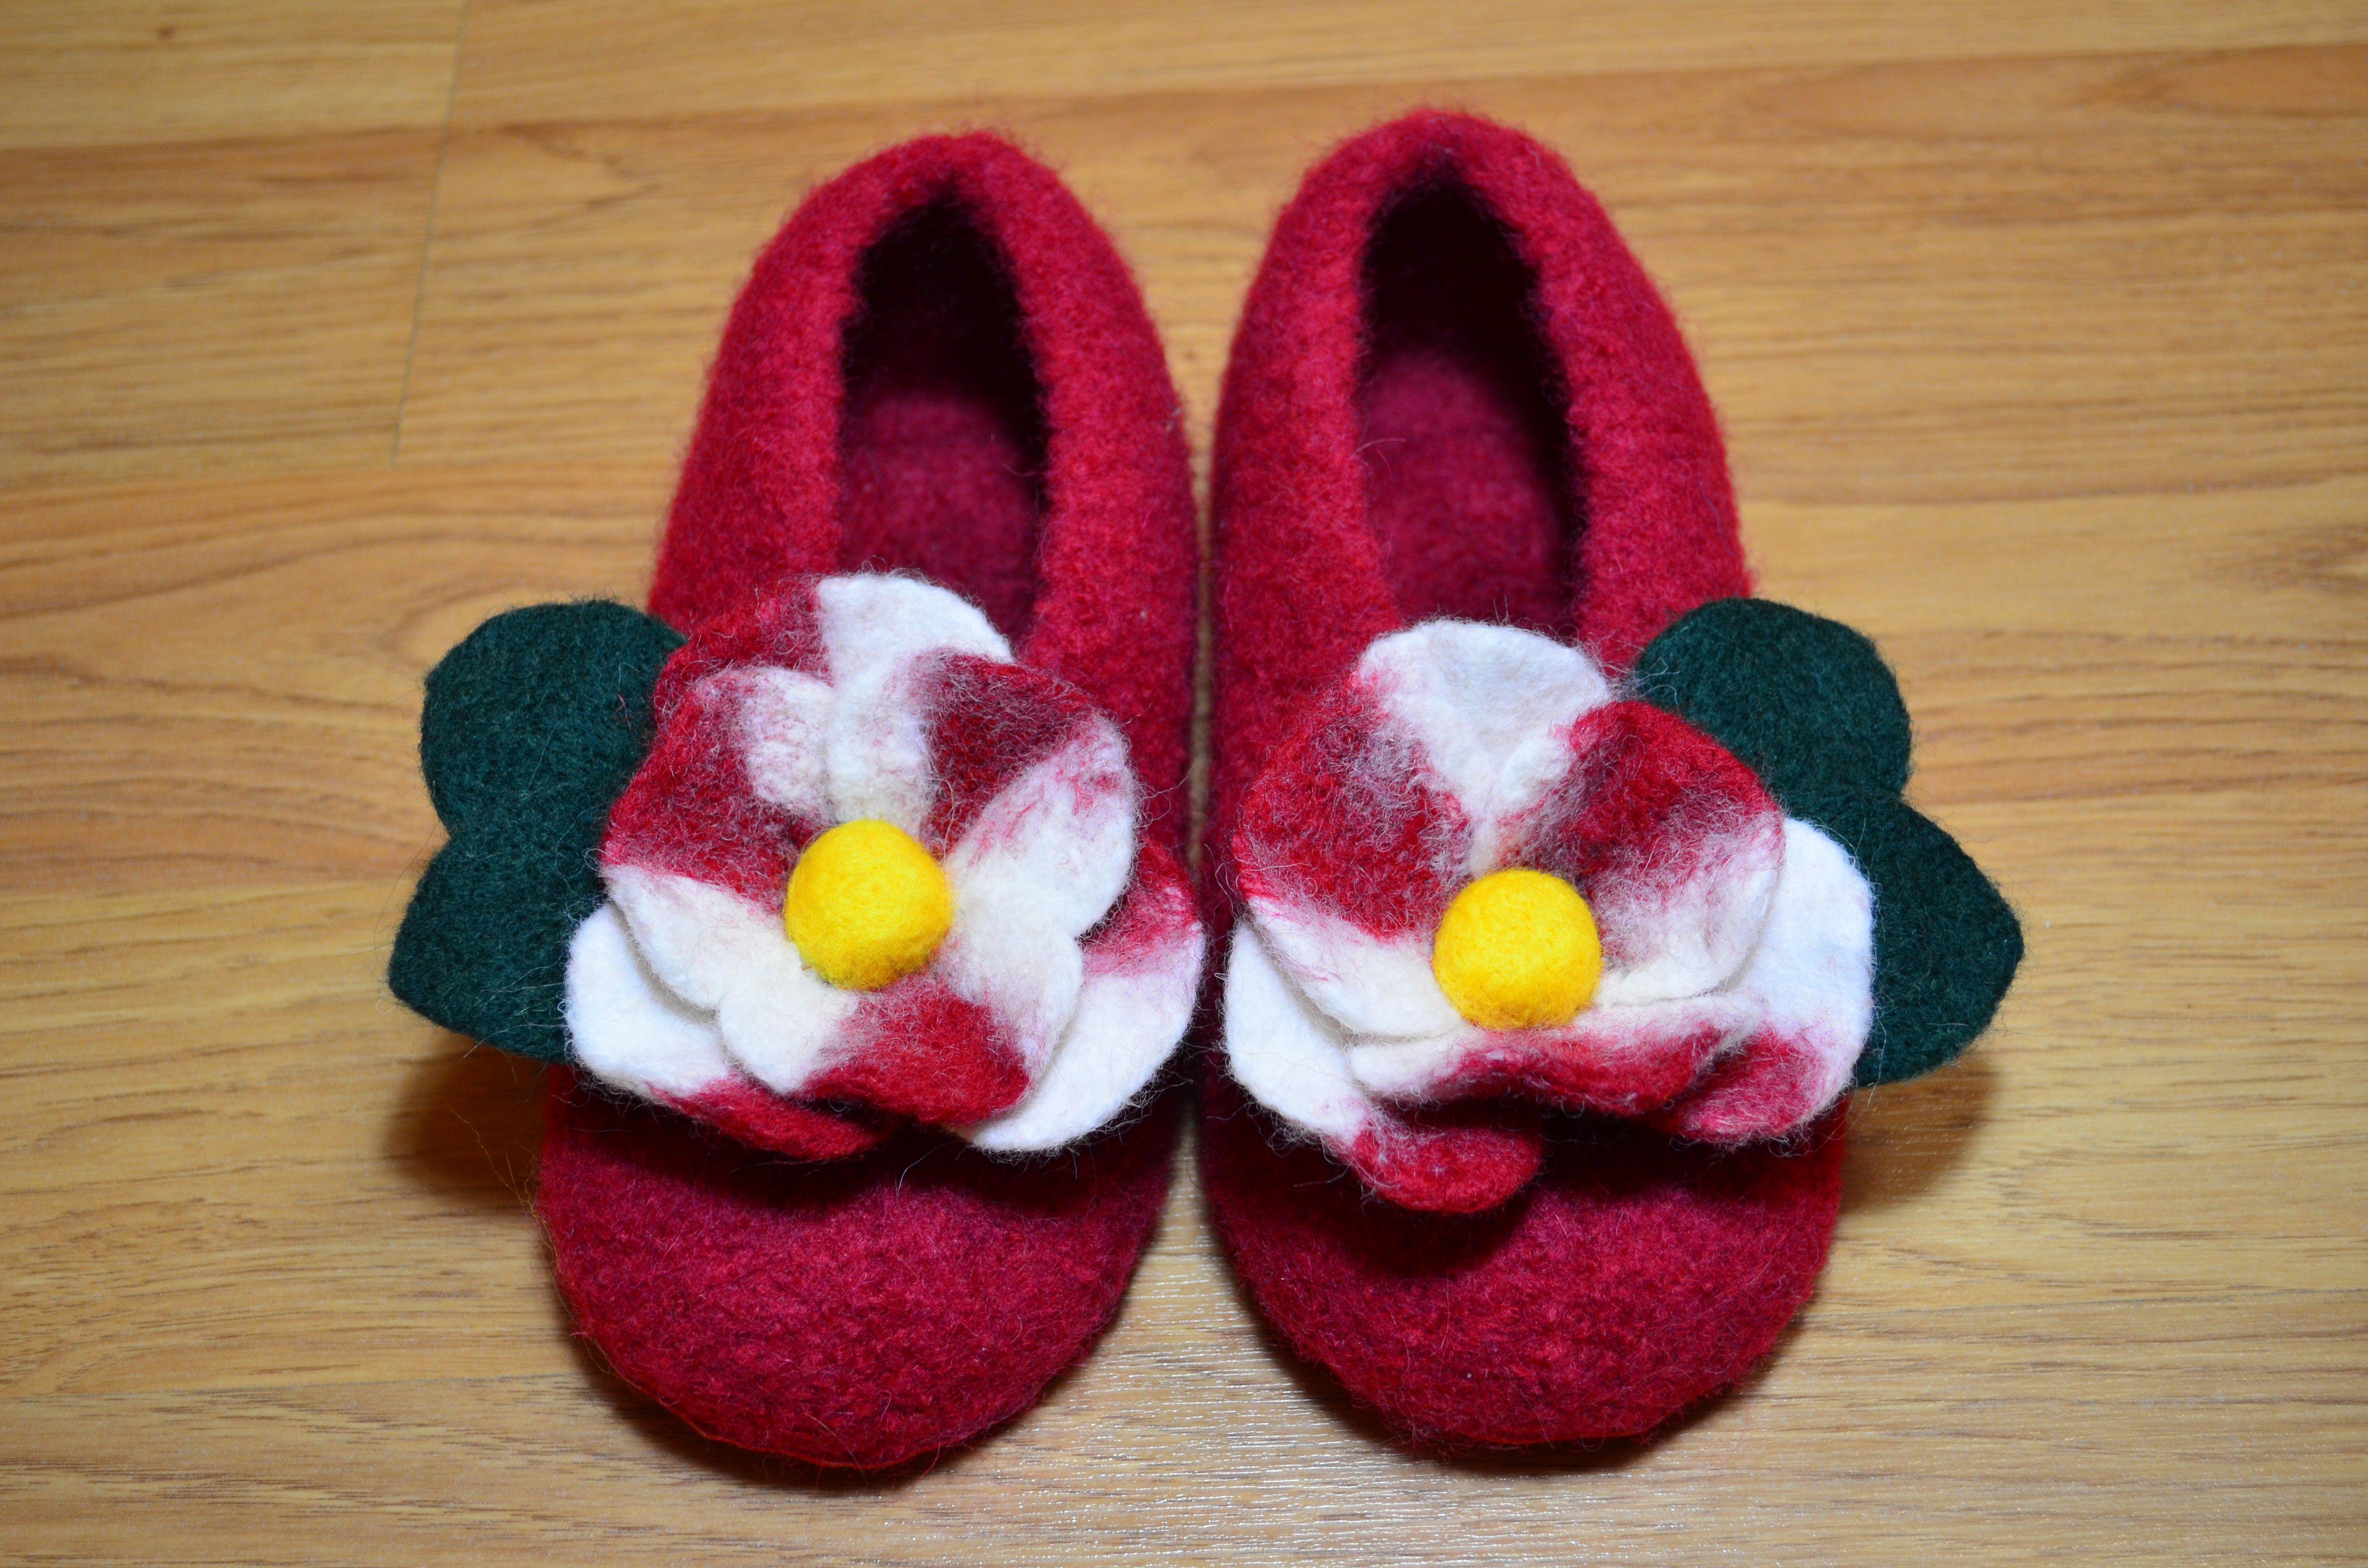 валяние детские валенки обувь пинетки